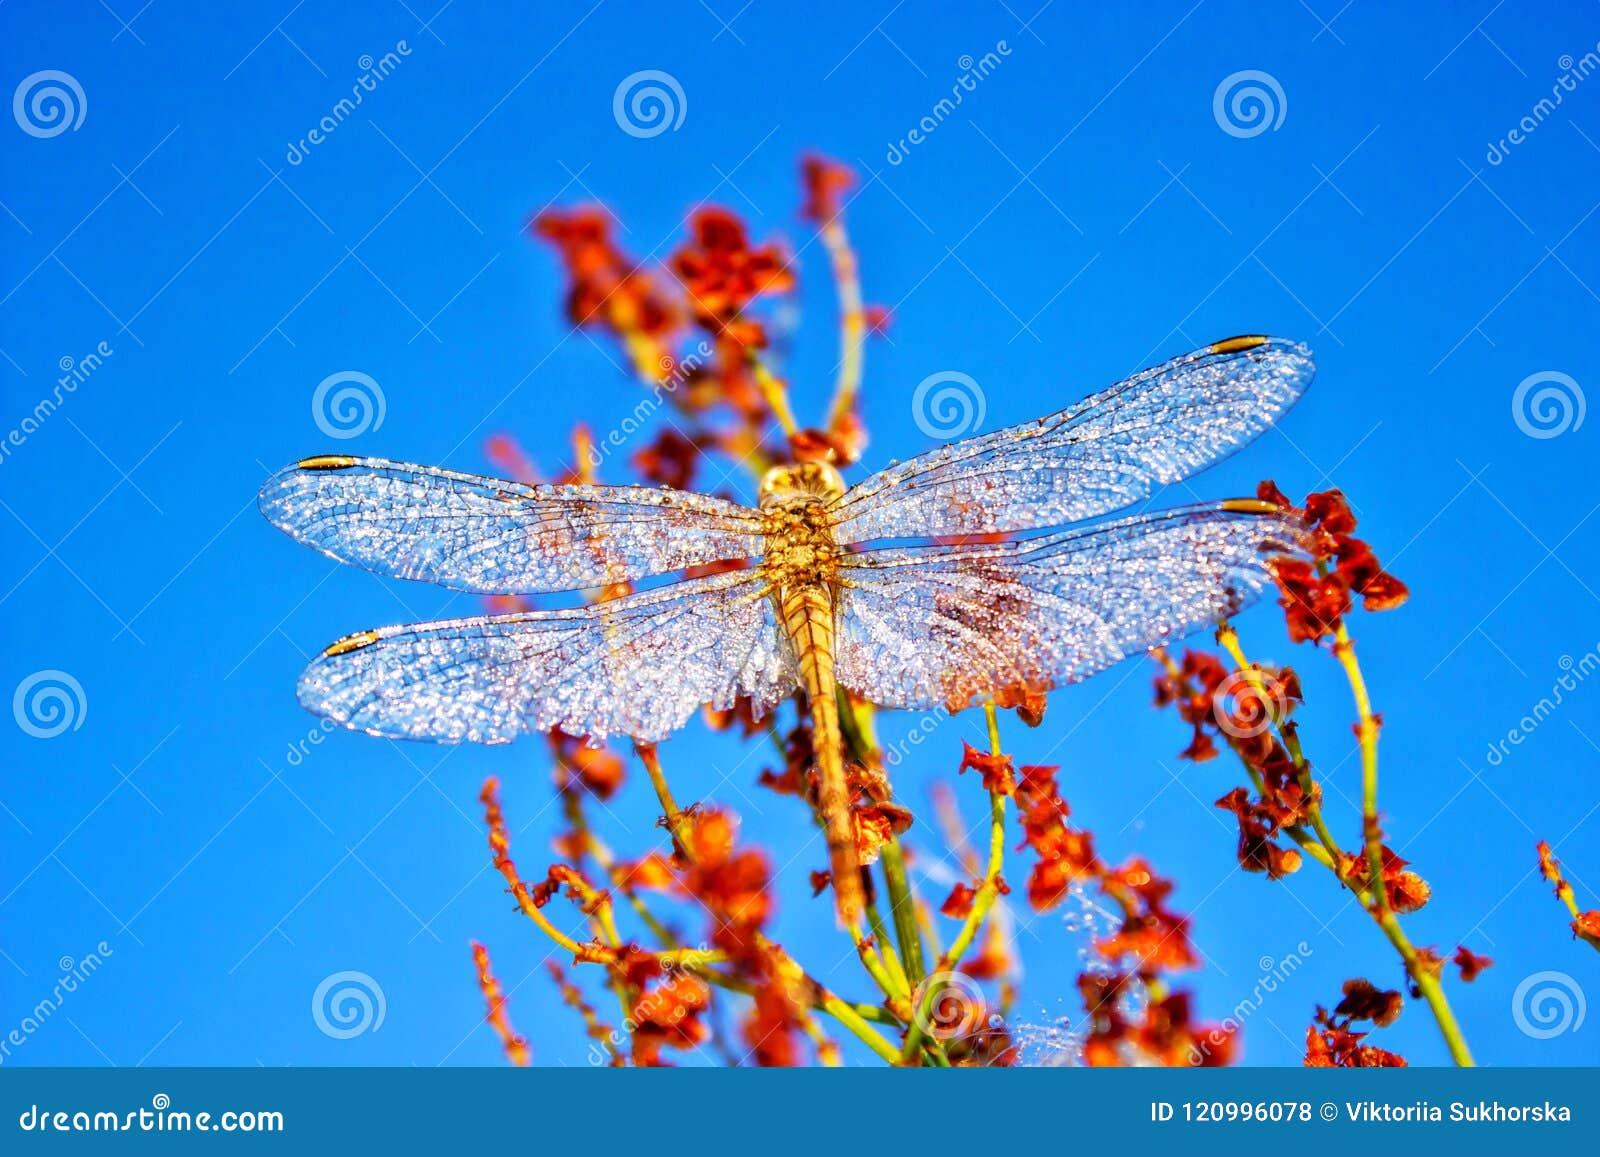 Ein schönes Insekt einer Libelle Sympetrum Vulgatum gegen einen Hintergrund eines Hintergrundes des blauen Himmels tonen